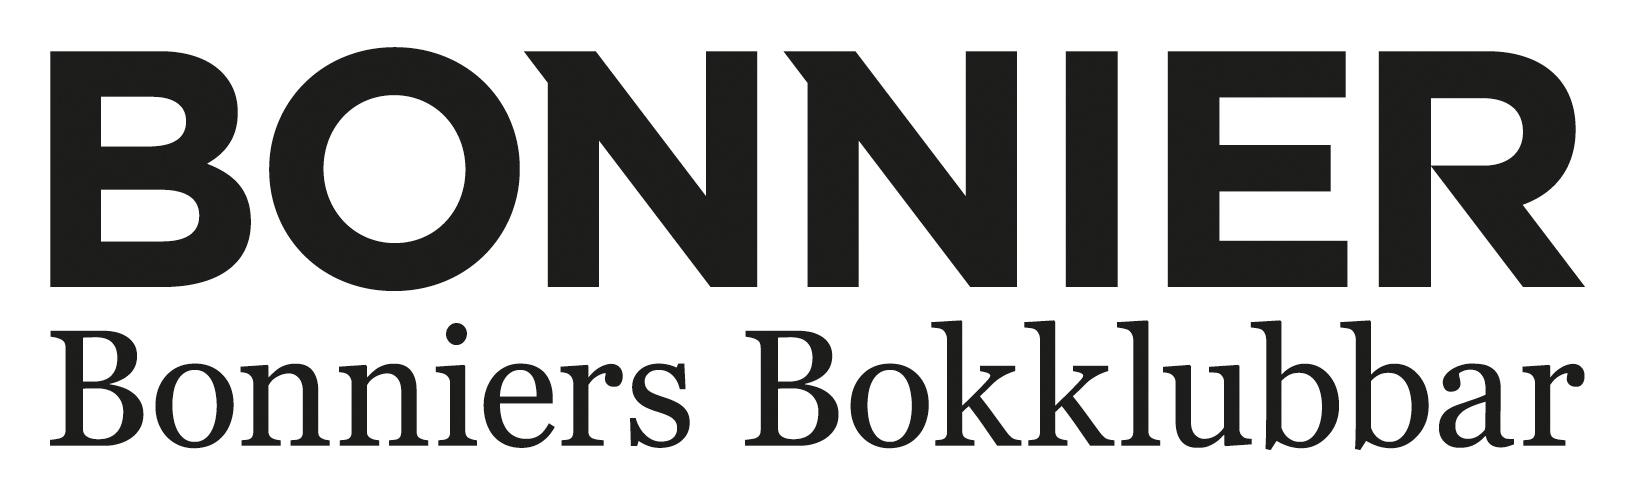 Bonniers Bokklubbar